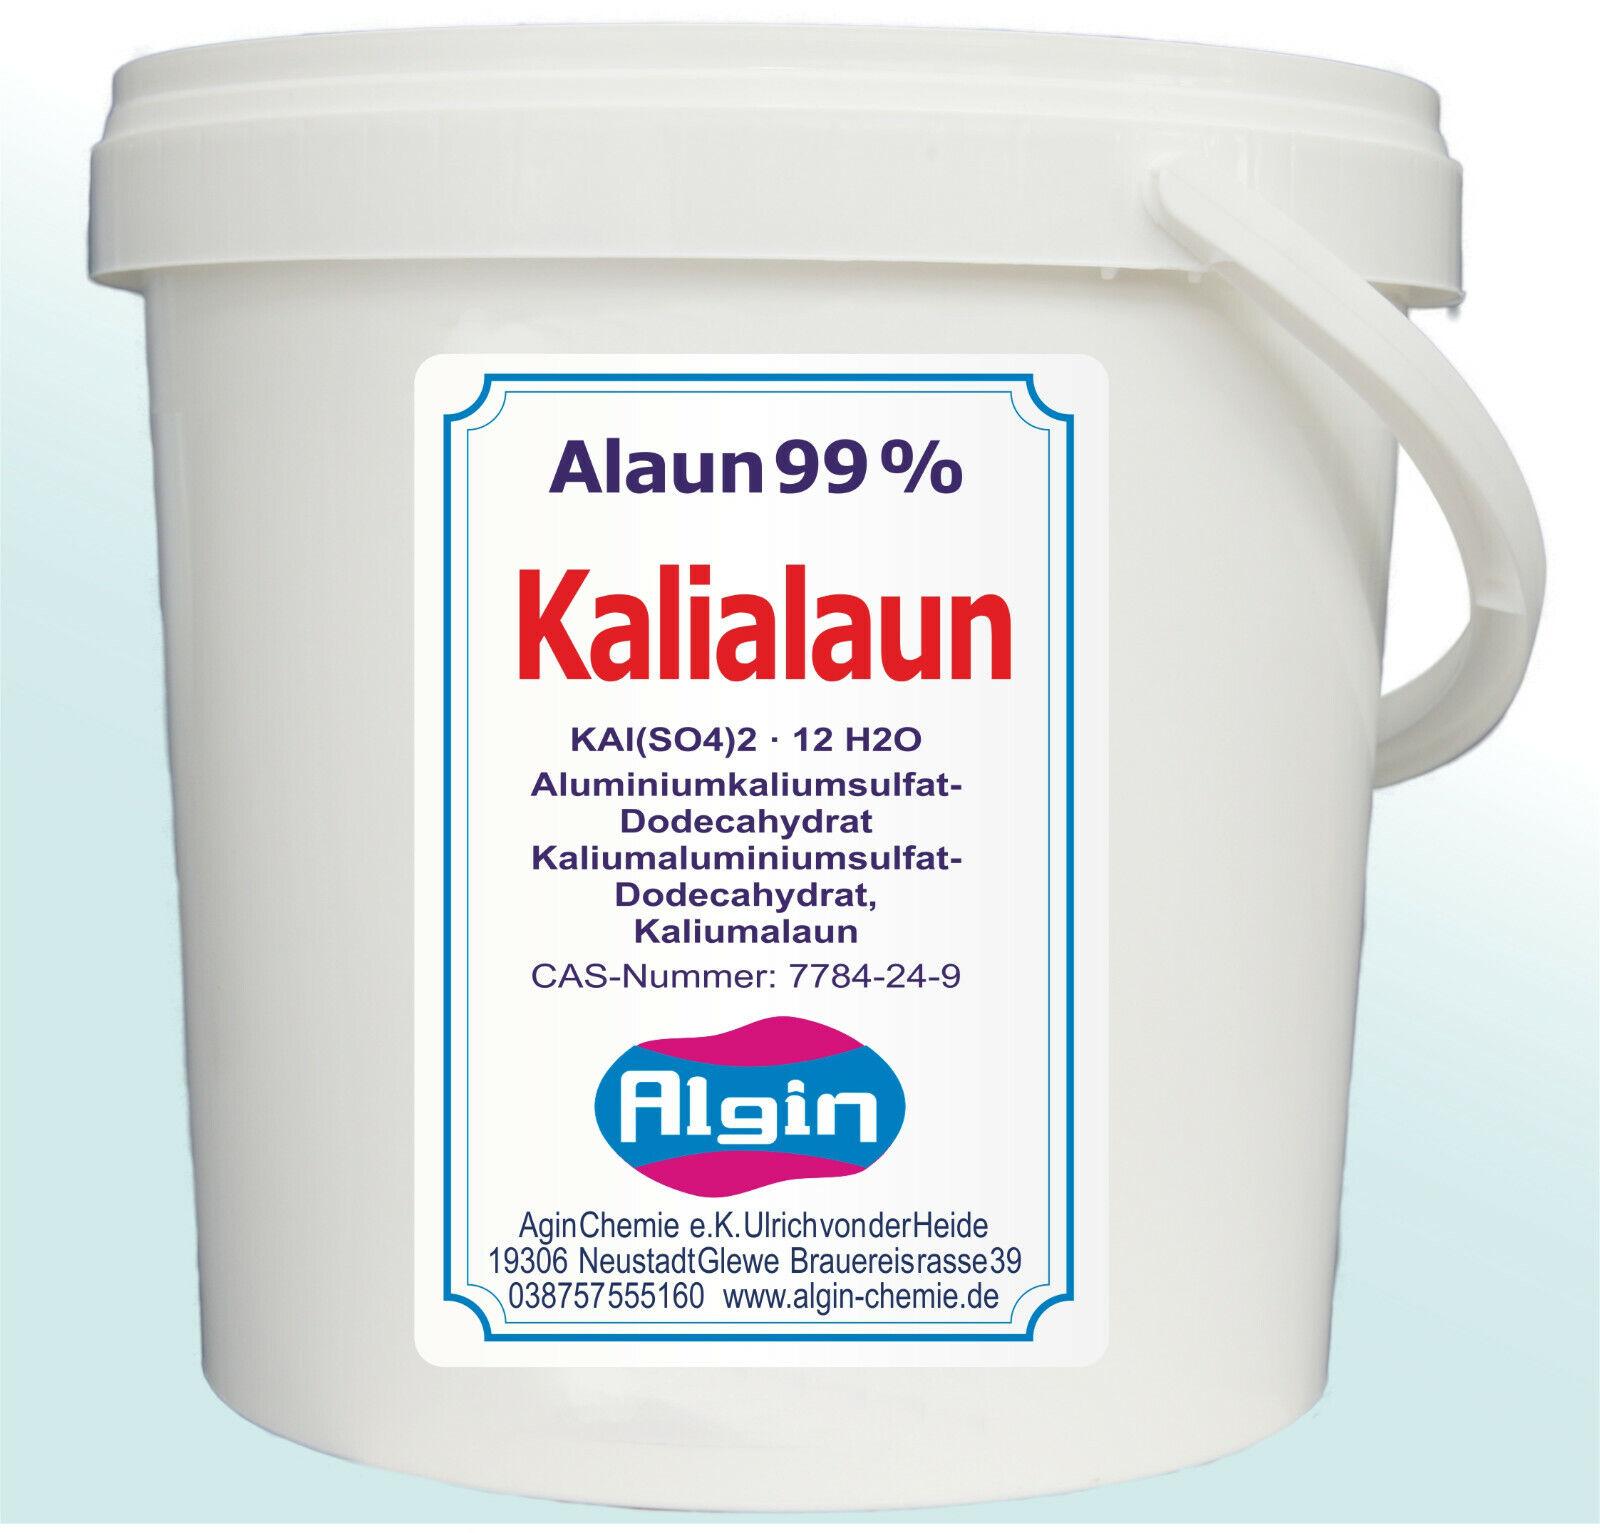 Kalialaun 5 kg Eimer Kaliumaluminiumsulfat Alaun Hortensien Kristalle Knete